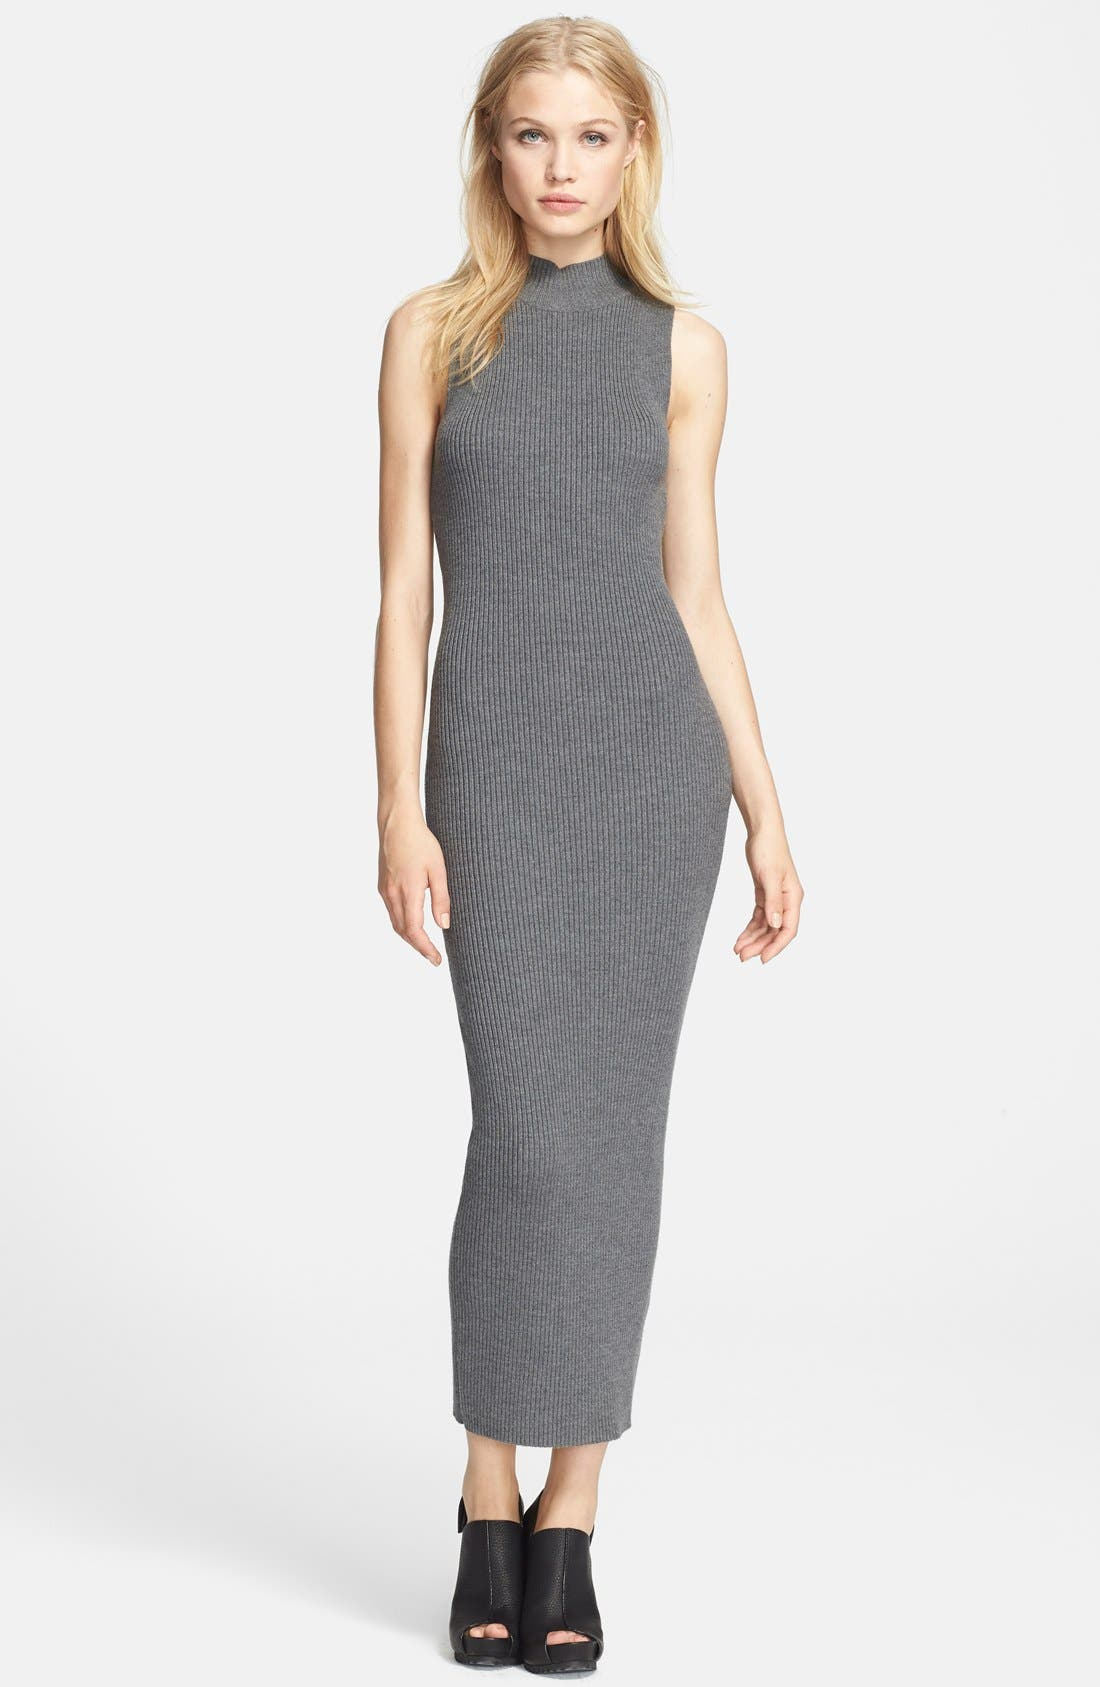 Main Image - Theory 'Ulana' Stretch Knit Sweater Dress